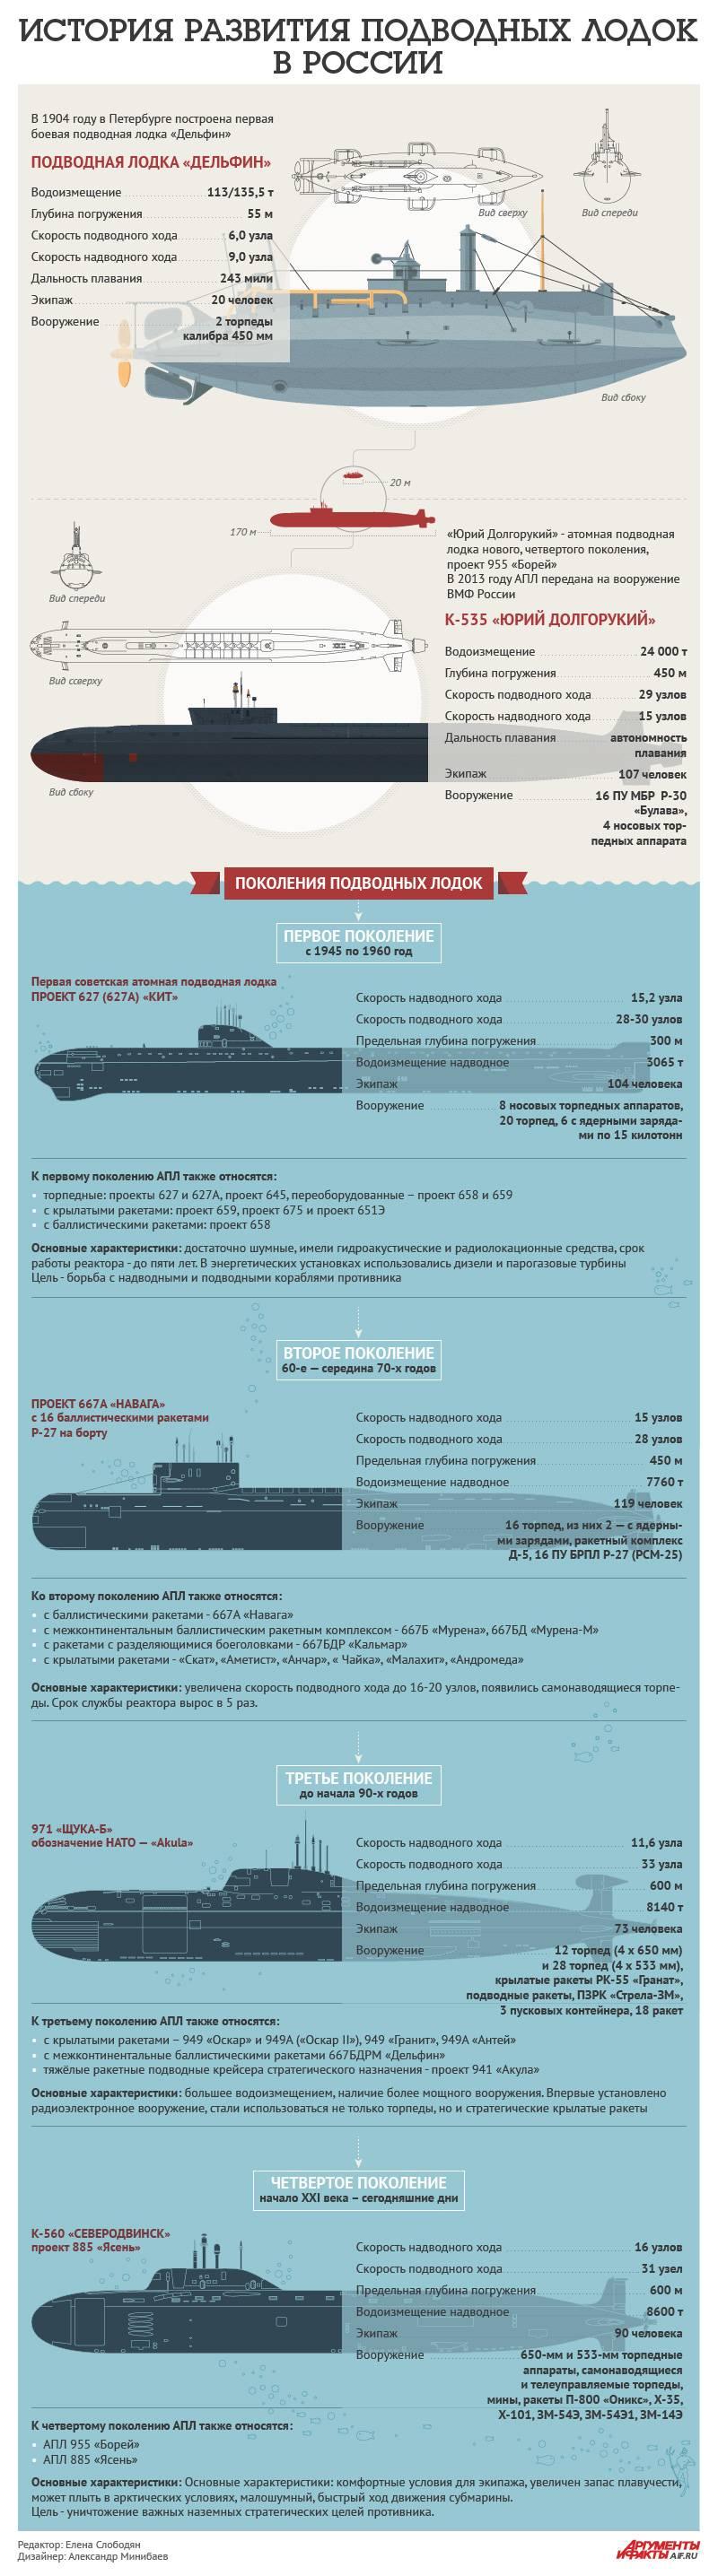 Эволюция российских атомных подводных лодок. Инфографика